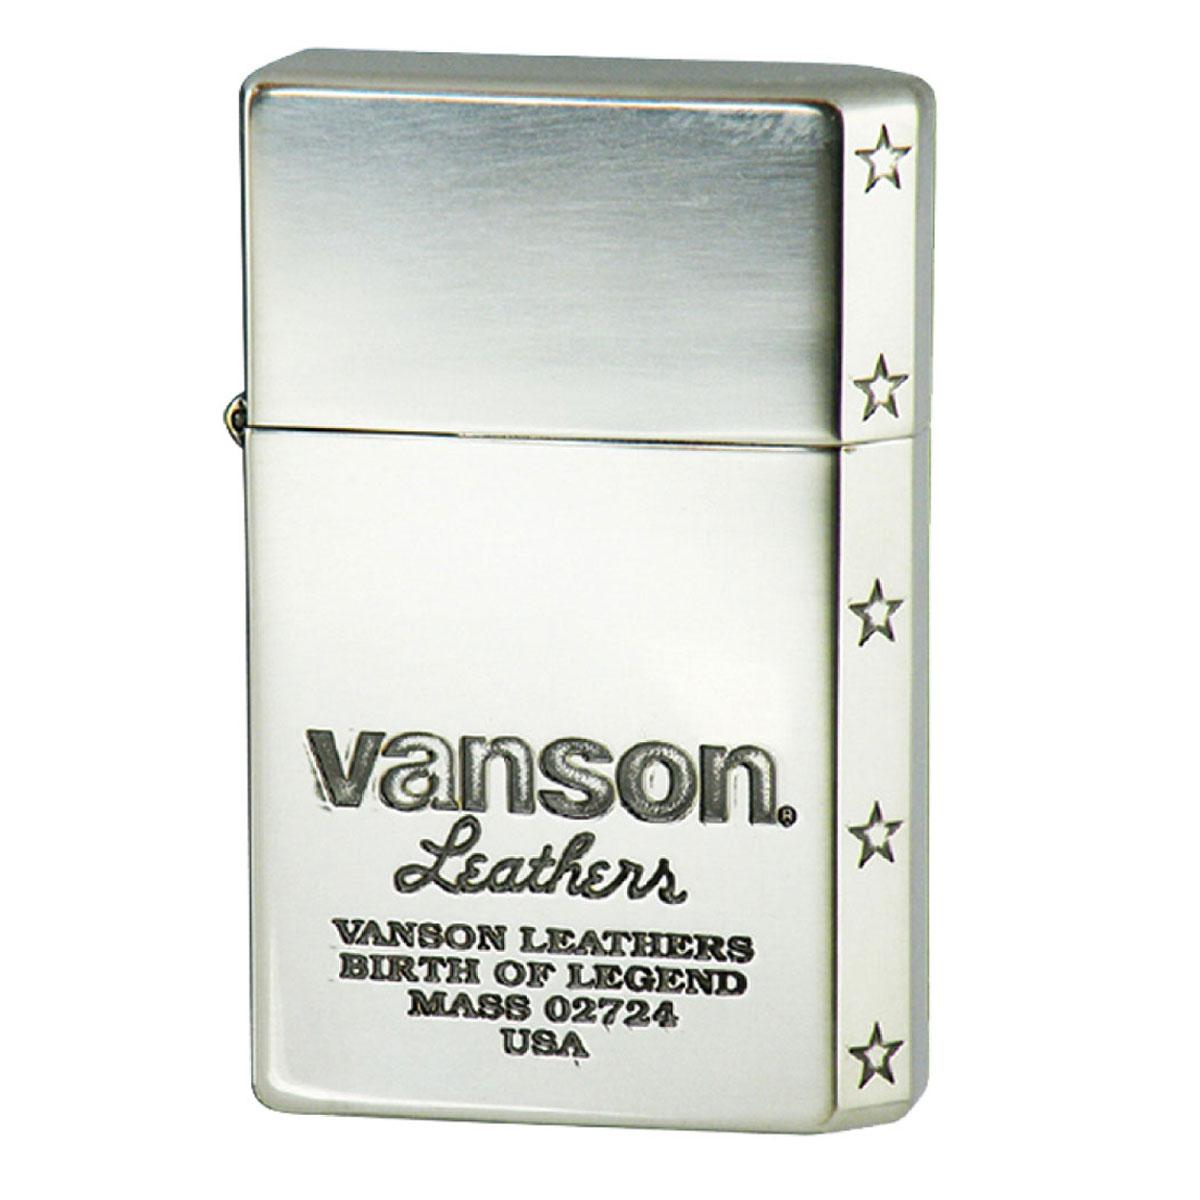 オイルライター 名入れ 日本製  GEAR TOP ギアトップ VANSON バンソン ロゴデザイン シルバー V-GT-05 名入れ ギフト